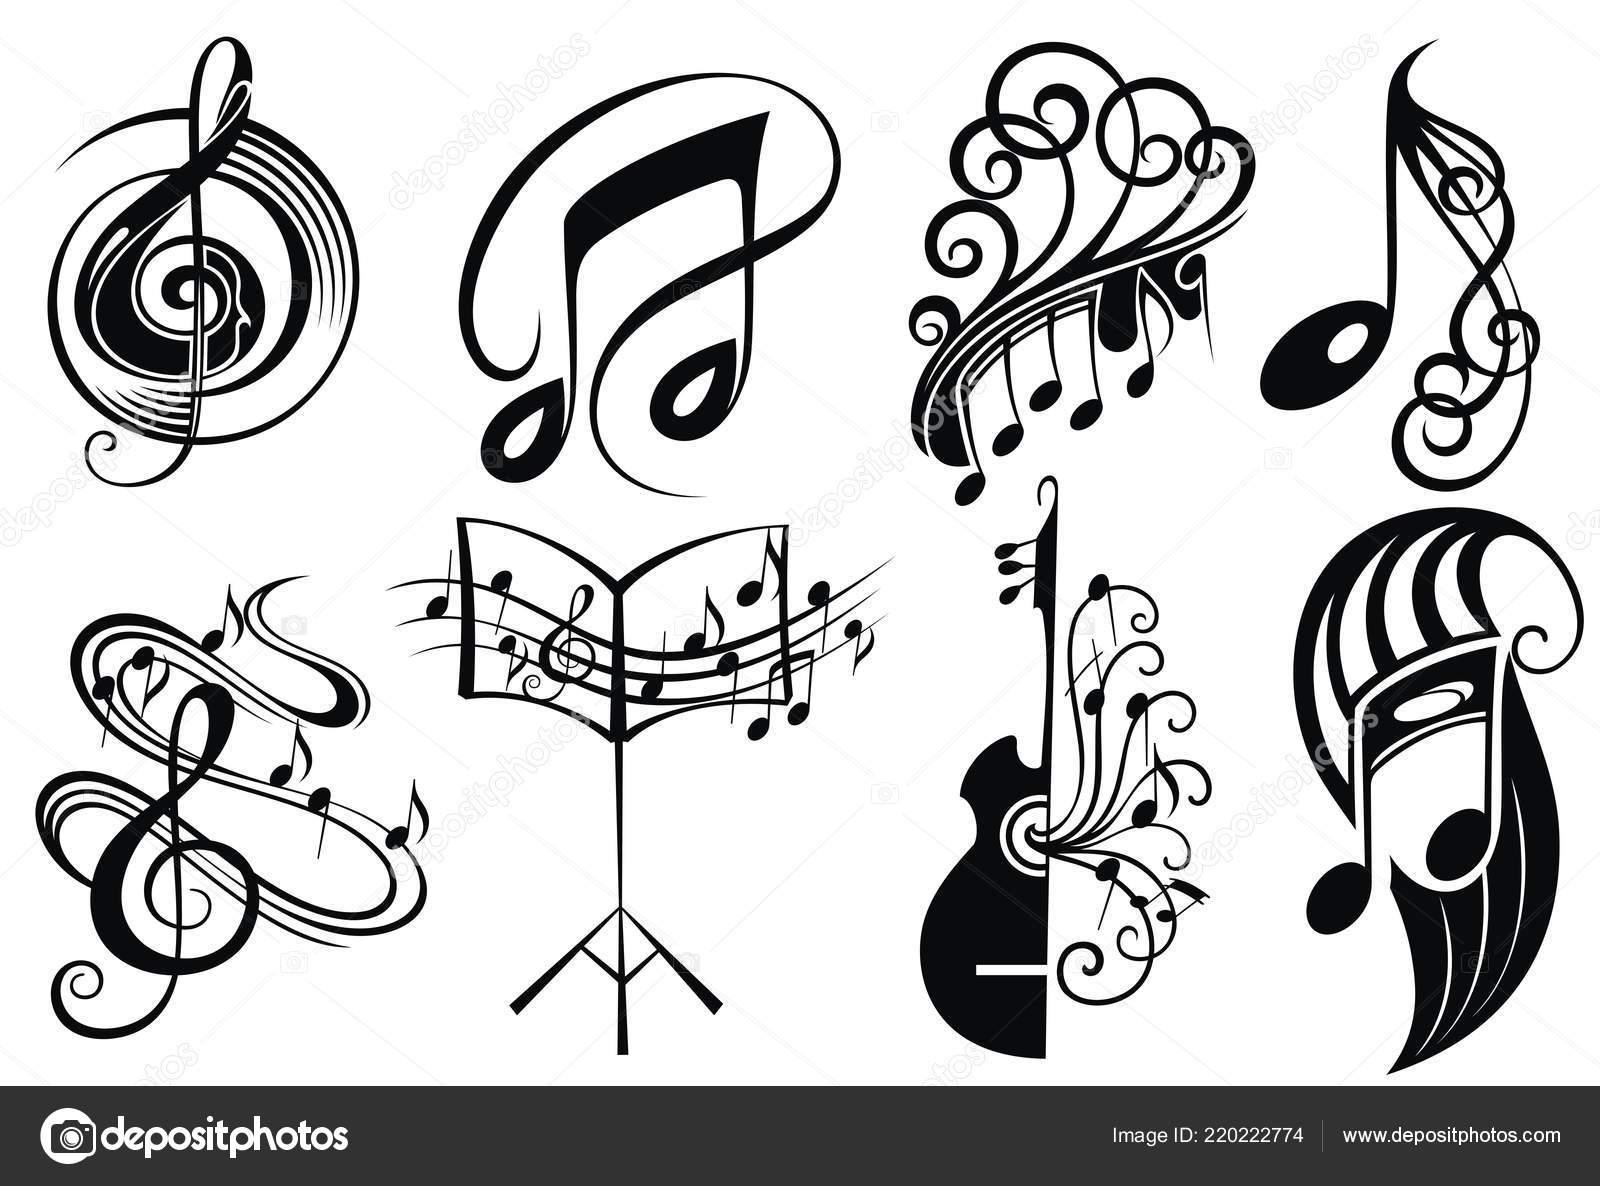 Bass Note Tattoos Vector Set Logo Music Tattoo Design